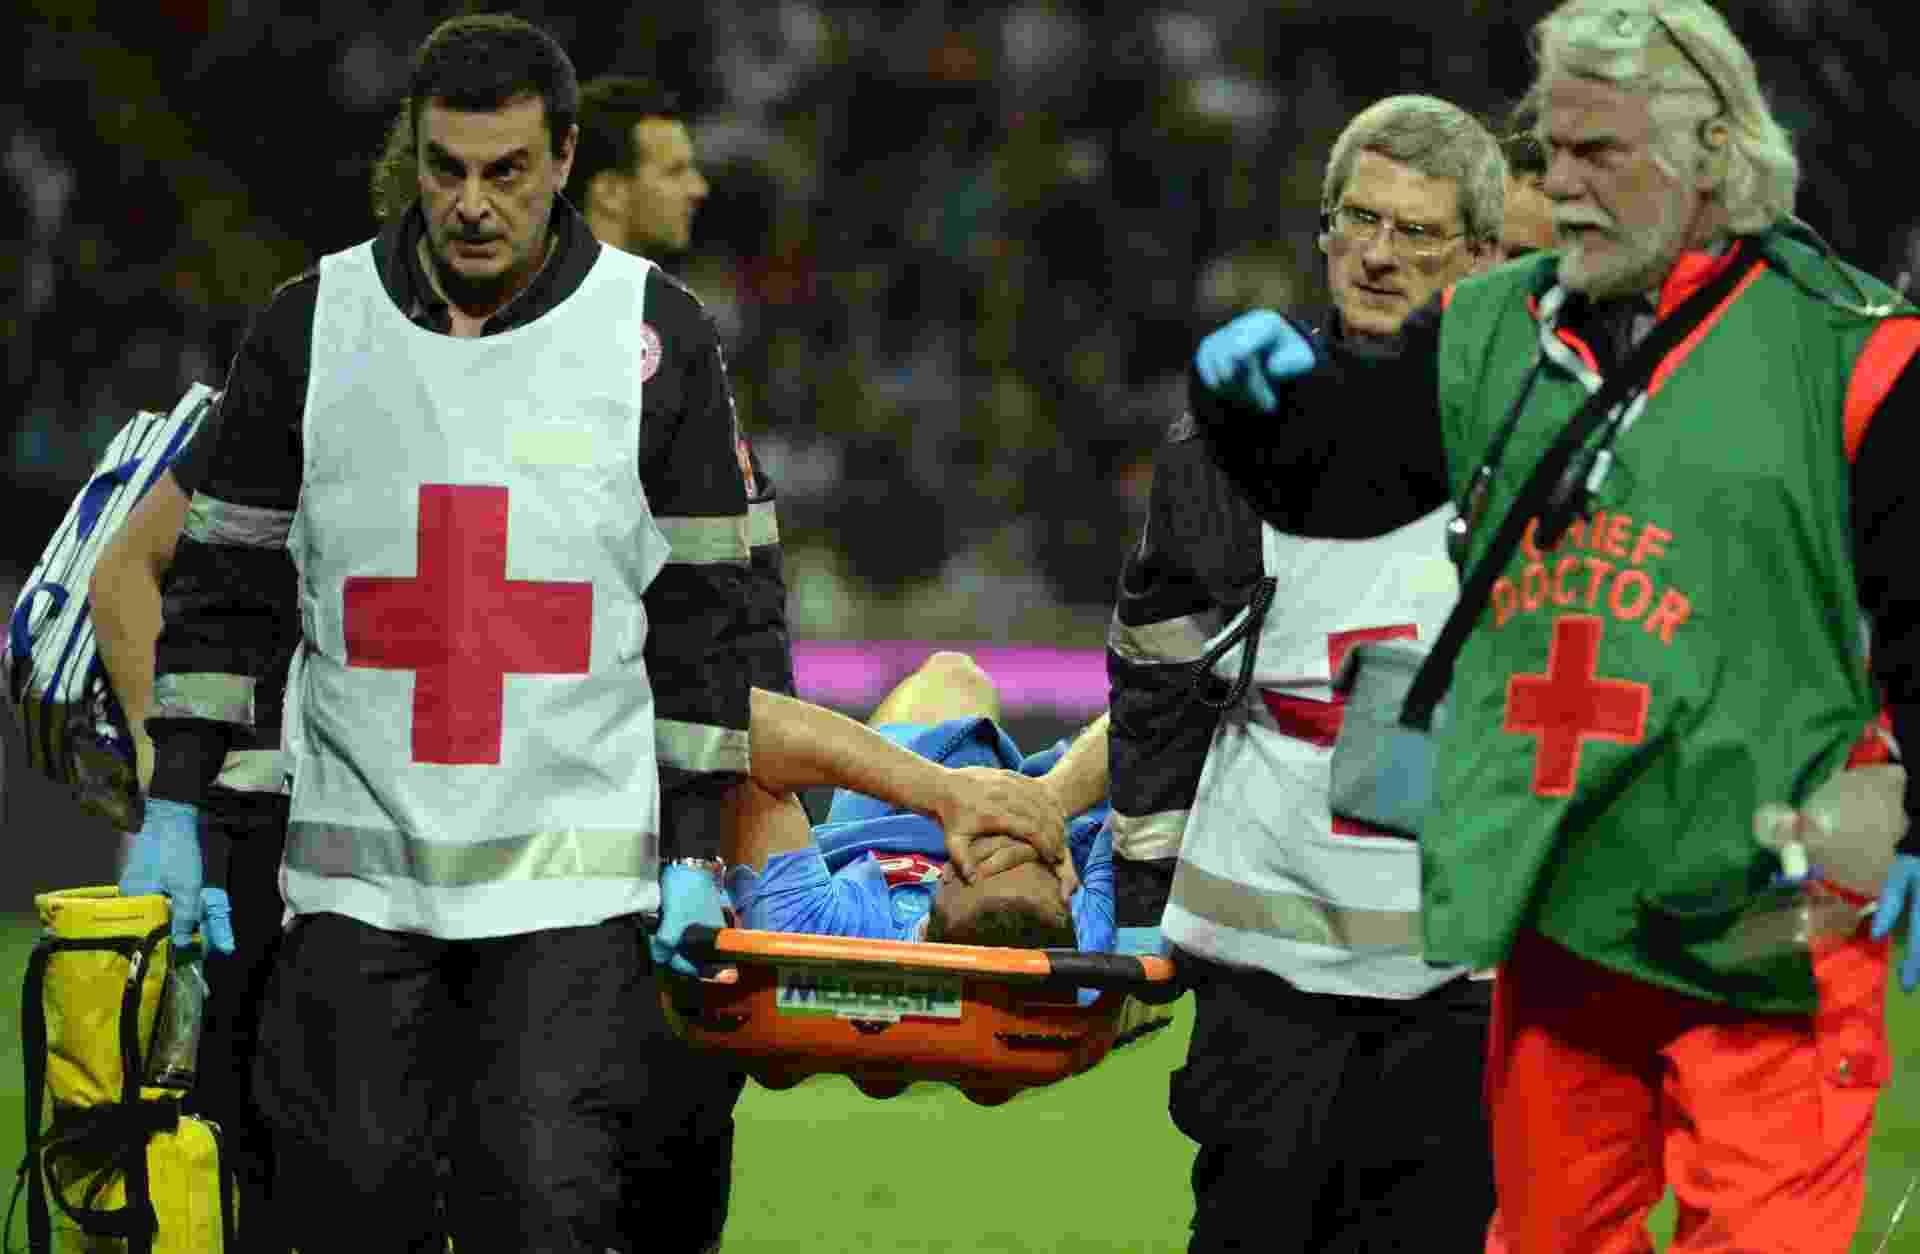 O atacante da seleção da Argentina e do Napoli, Gonzalo Gerardo Higuain, sai de campo na maca em jogo do Milan contra Napoli - OLIVIER MORIN/ AFP